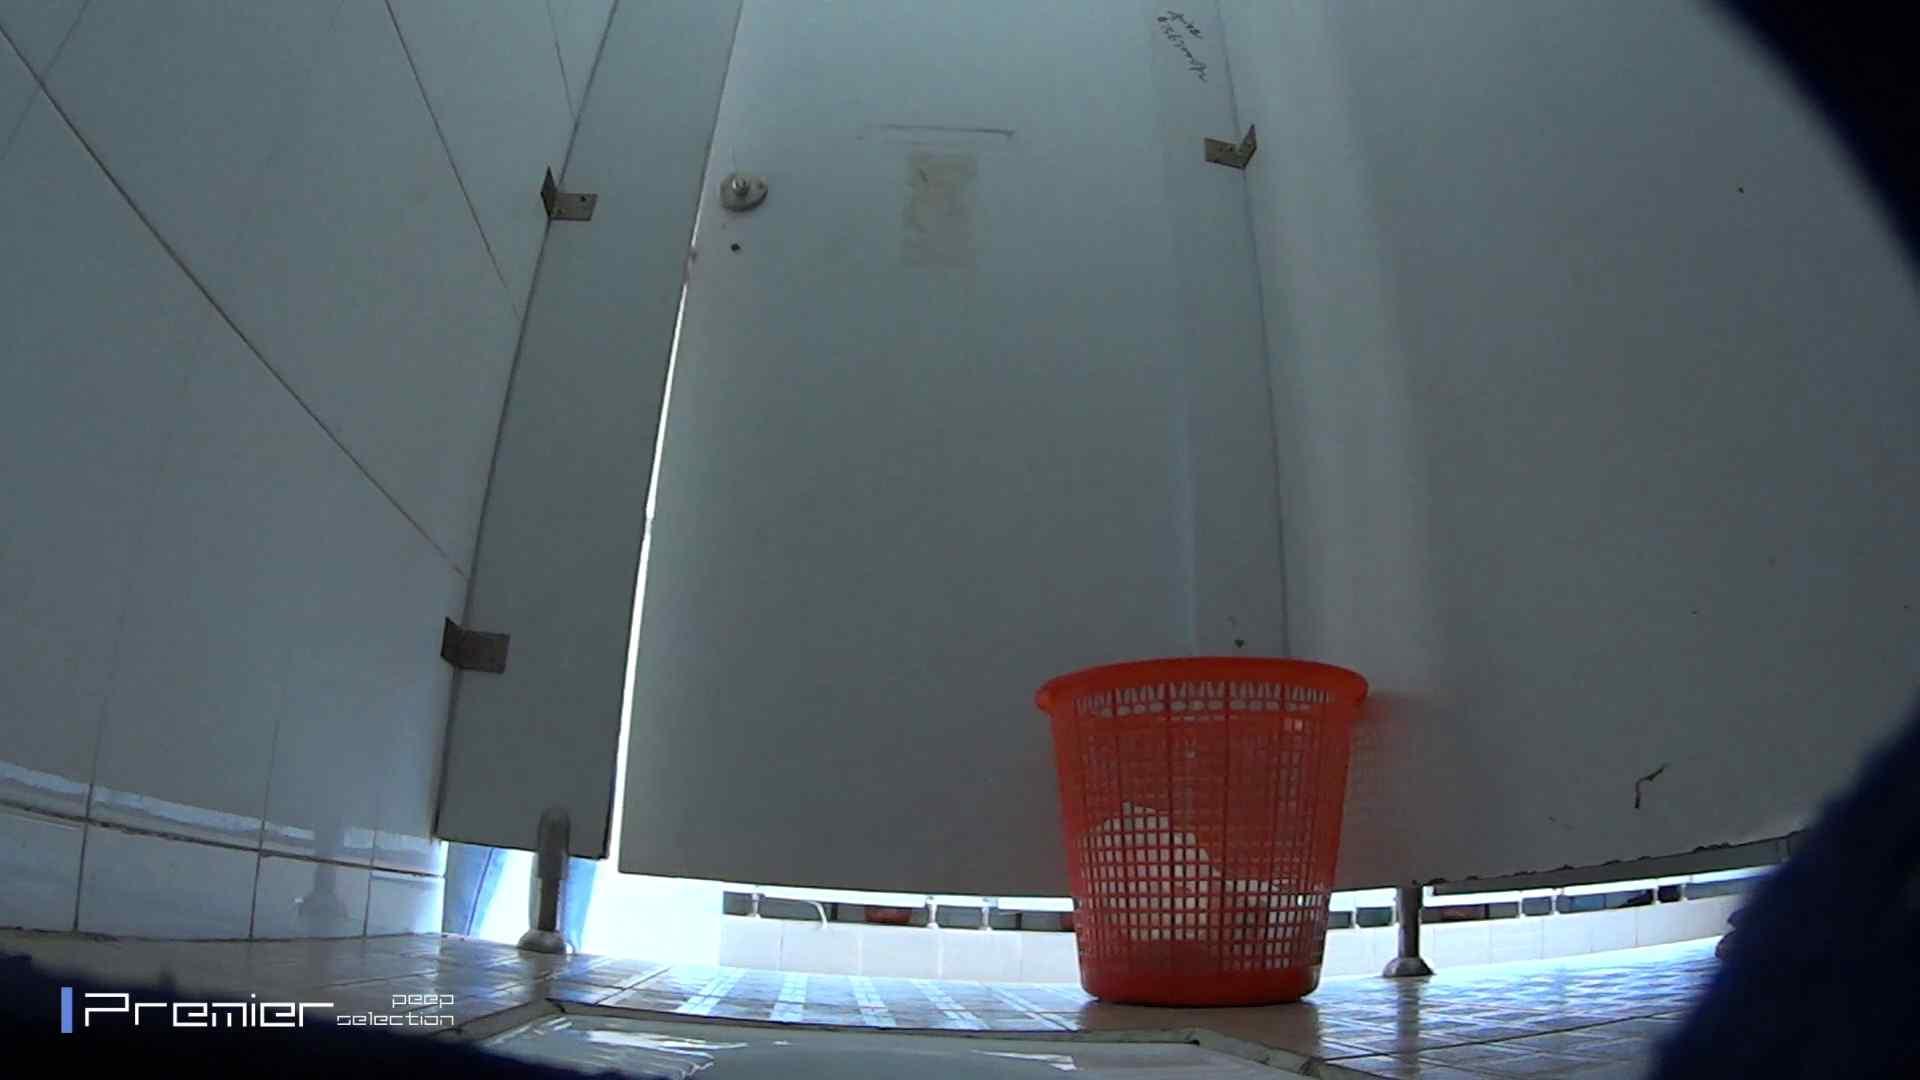 しゃがみながらお尻をクイっ!有名大学休憩時間の洗面所事情10 盗撮 オマンコ無修正動画無料 43pic 2